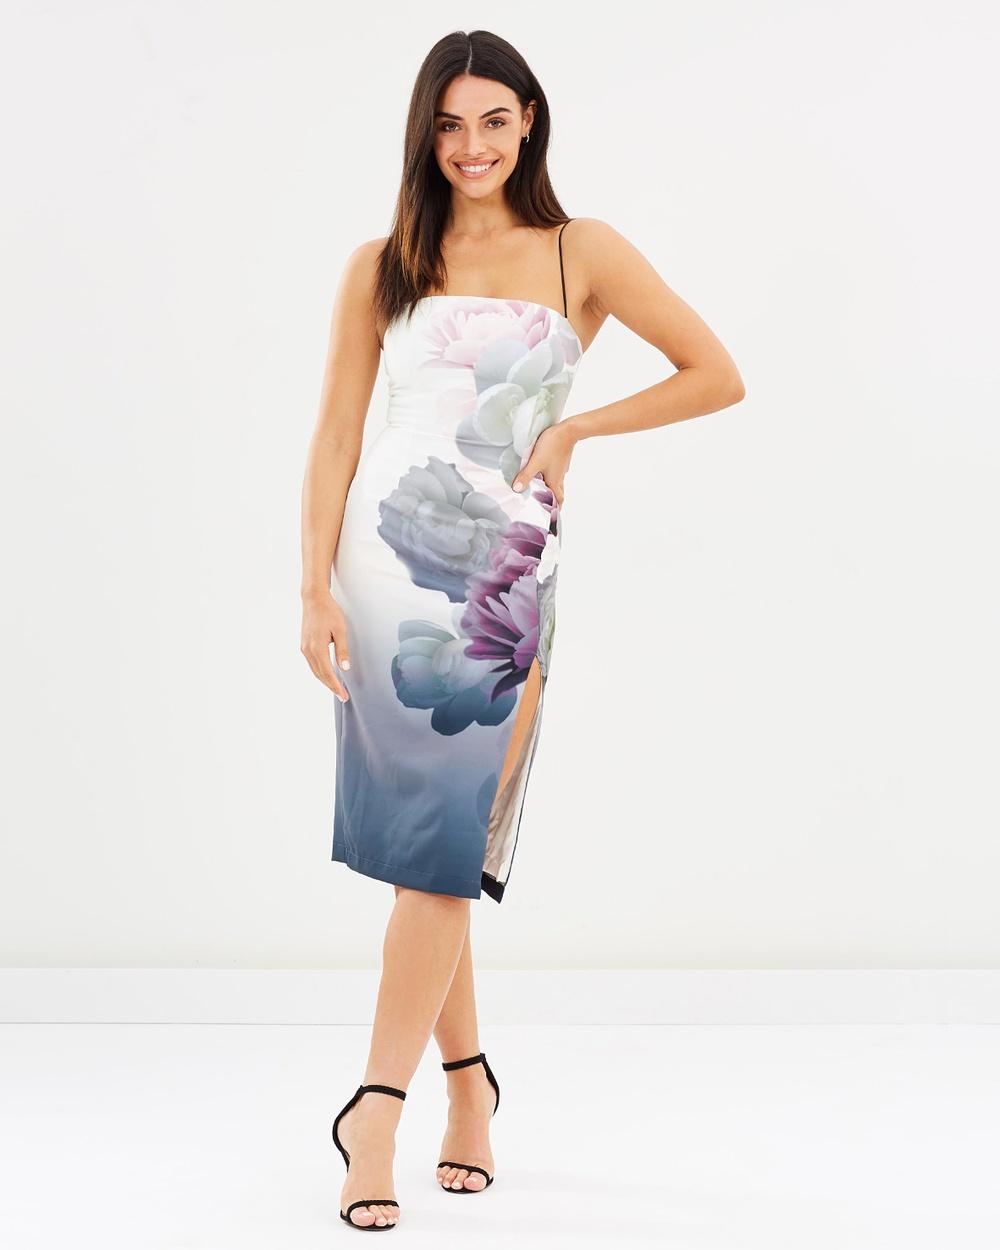 Pasduchas Blossom Classic Midi Dress Dresses Navy & Ivory Blossom Classic Midi Dress